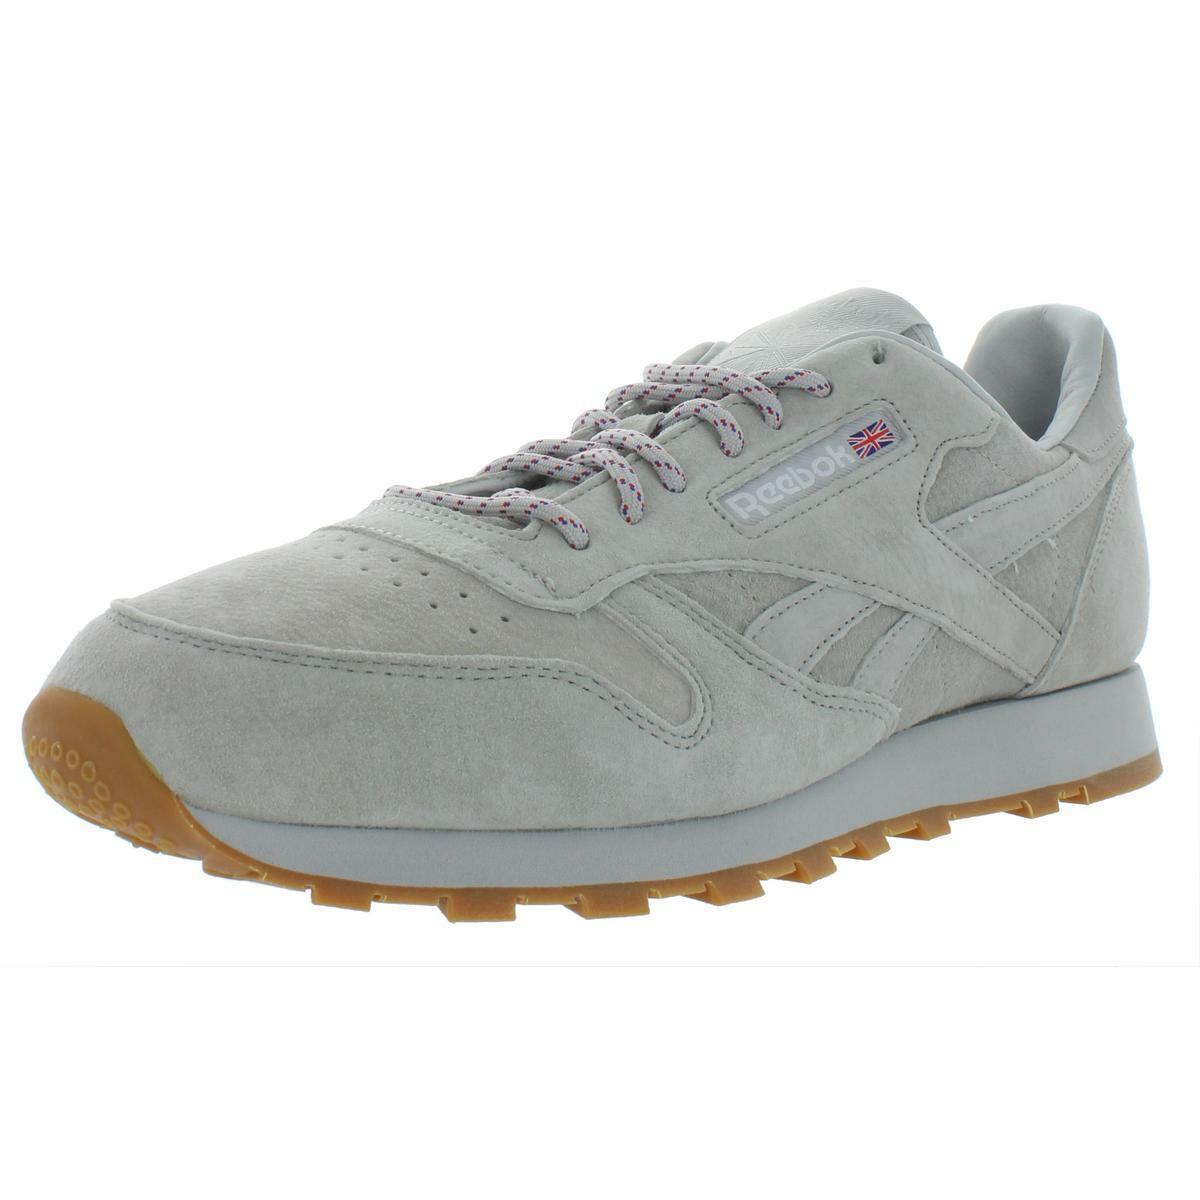 Reebok Homme Daim Low Top Trainer chaussures De Course Athlétique BHFO 8133